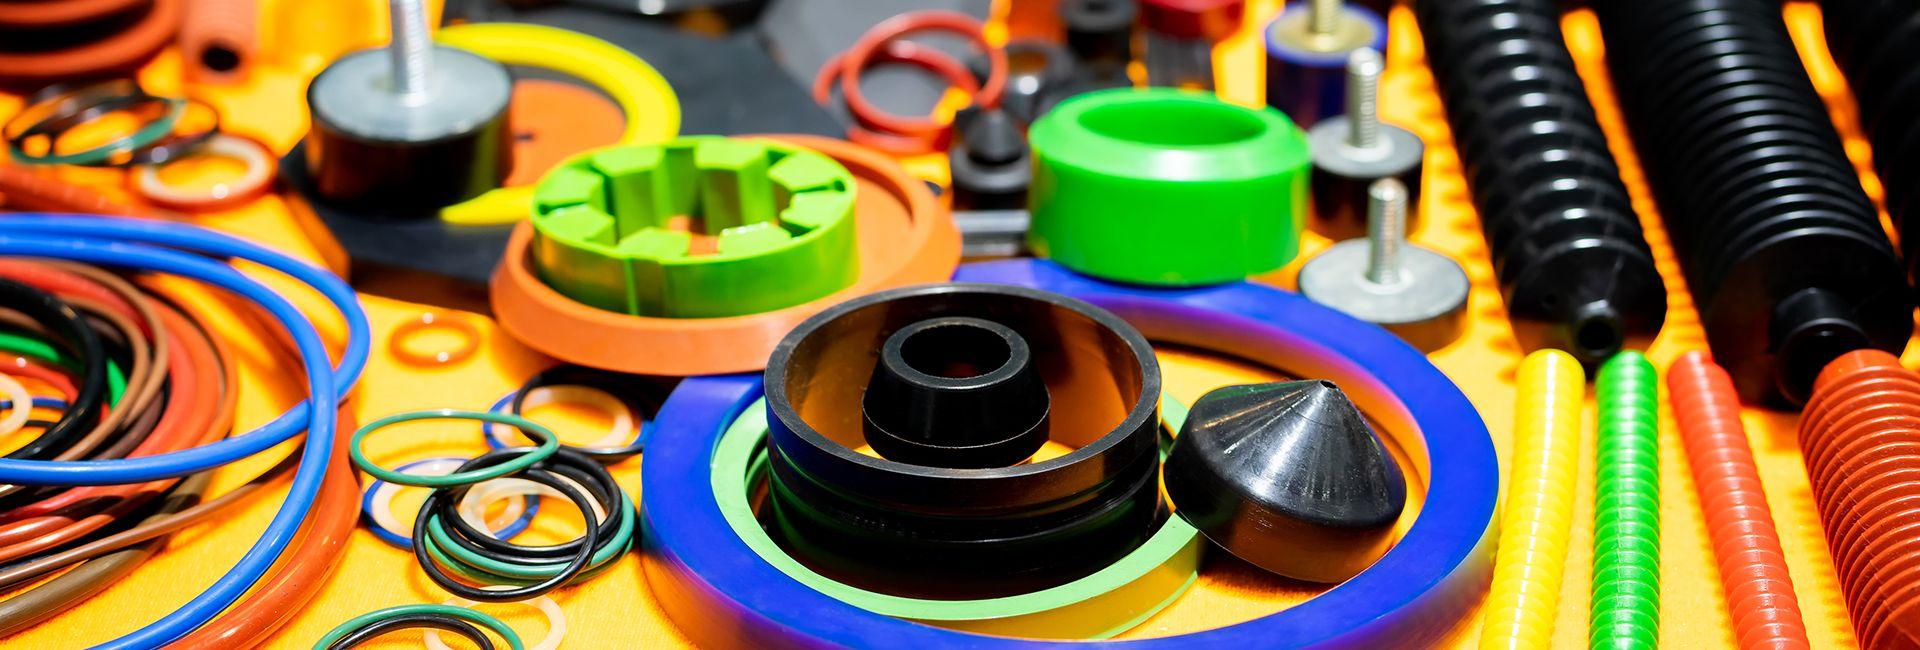 Hội chợ chuyên ngành nhựa và cao su ChinaPlas